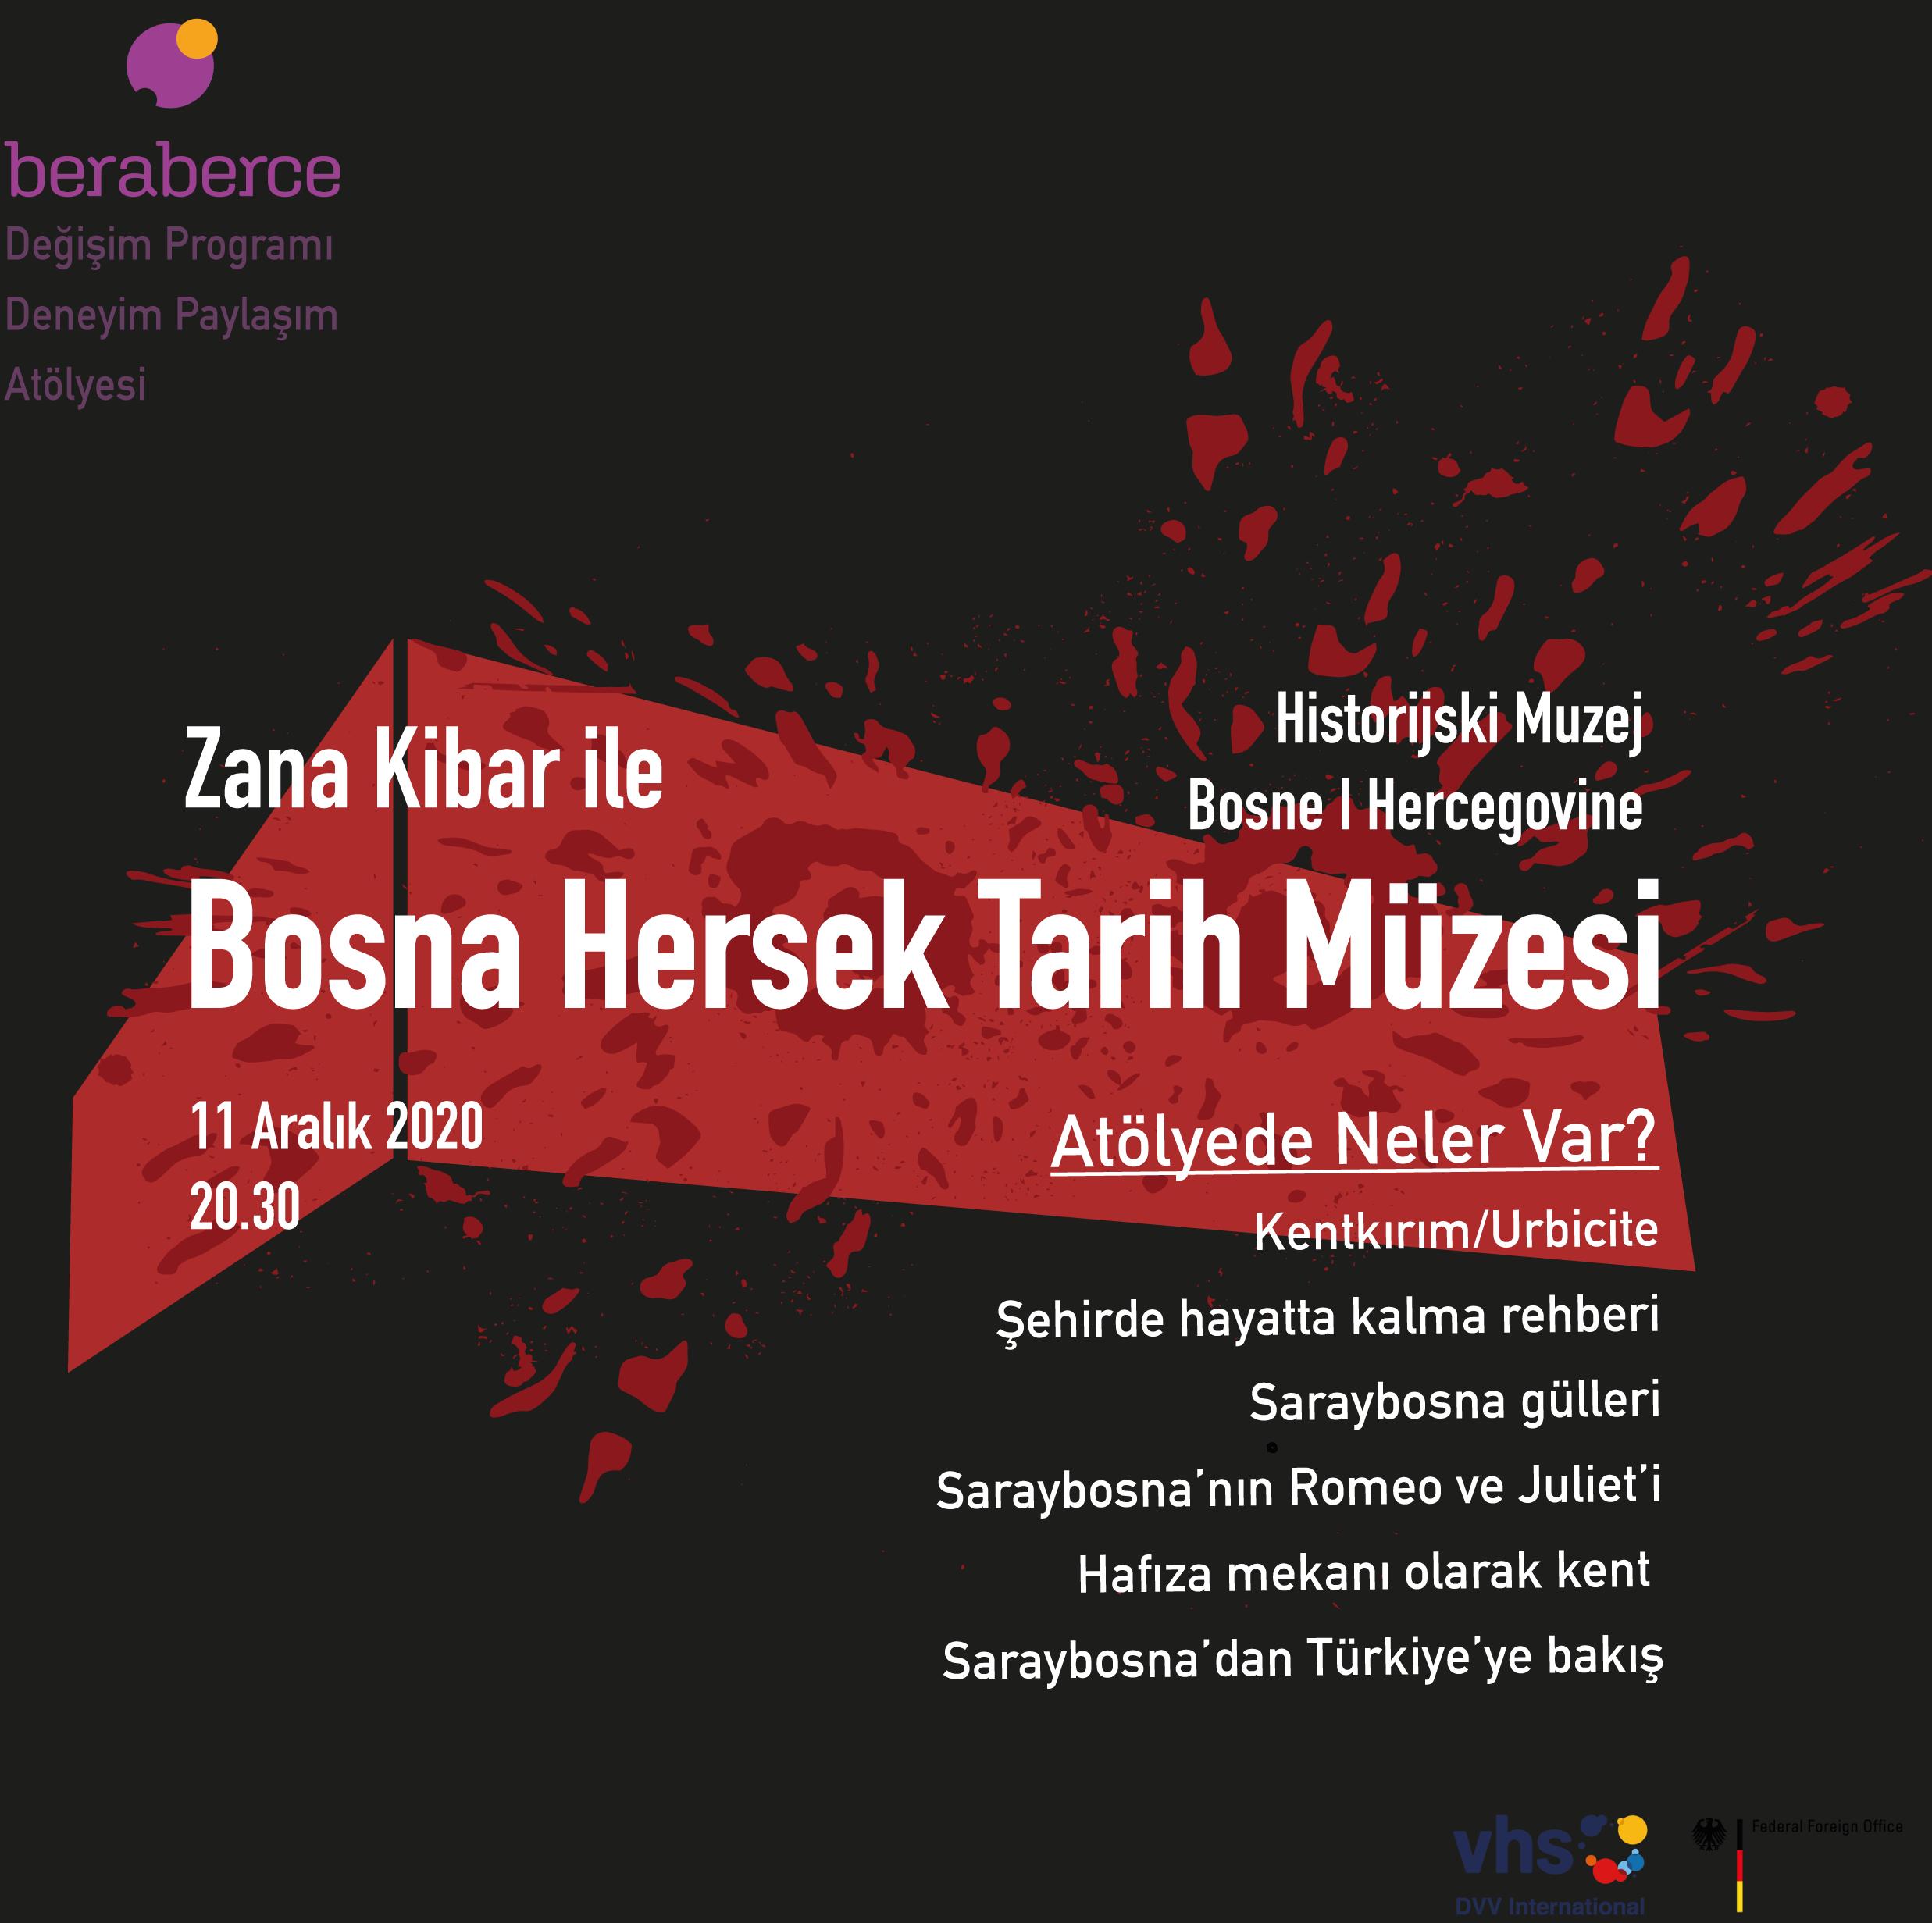 Deneyim Paylaşım Atölyesi: Bosna Hersek Tarih Müzesi